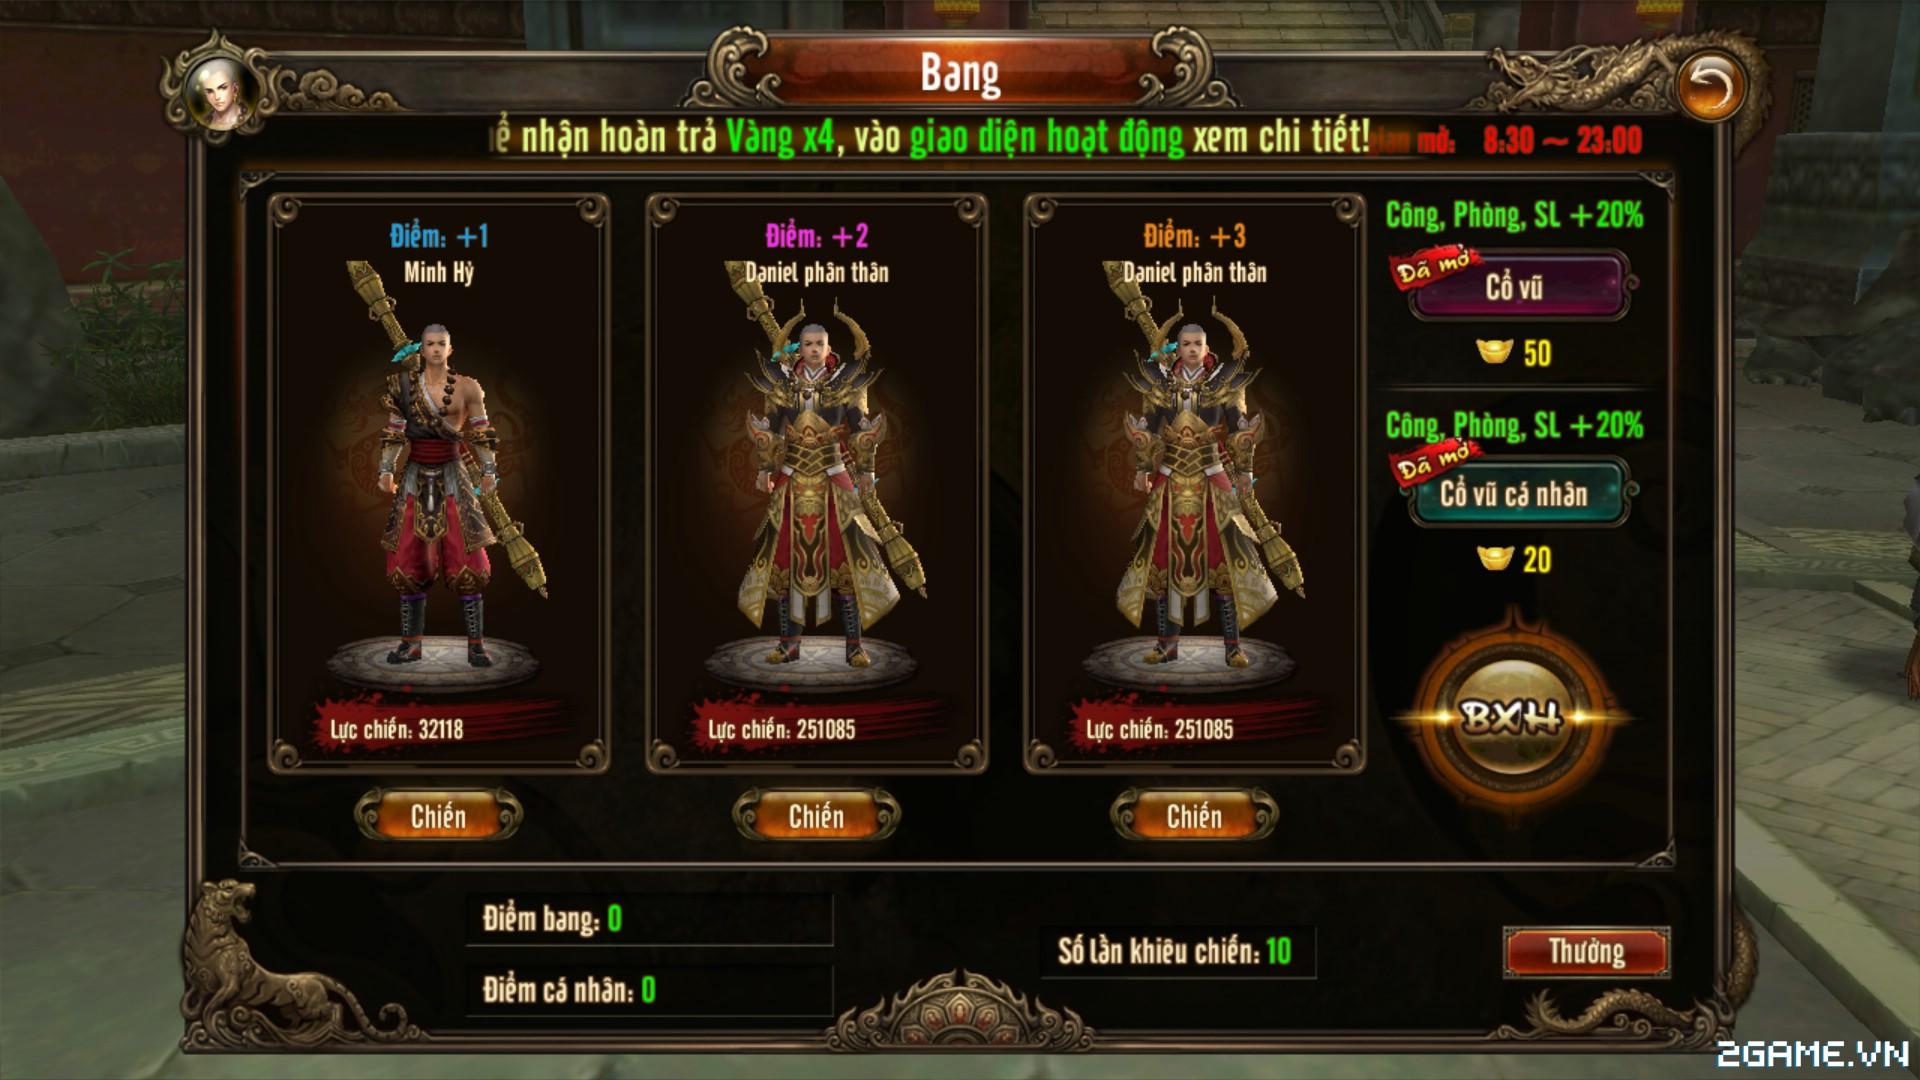 Kungfu Chi Vương – Giới thiệu Lôi Đài Bang trong game